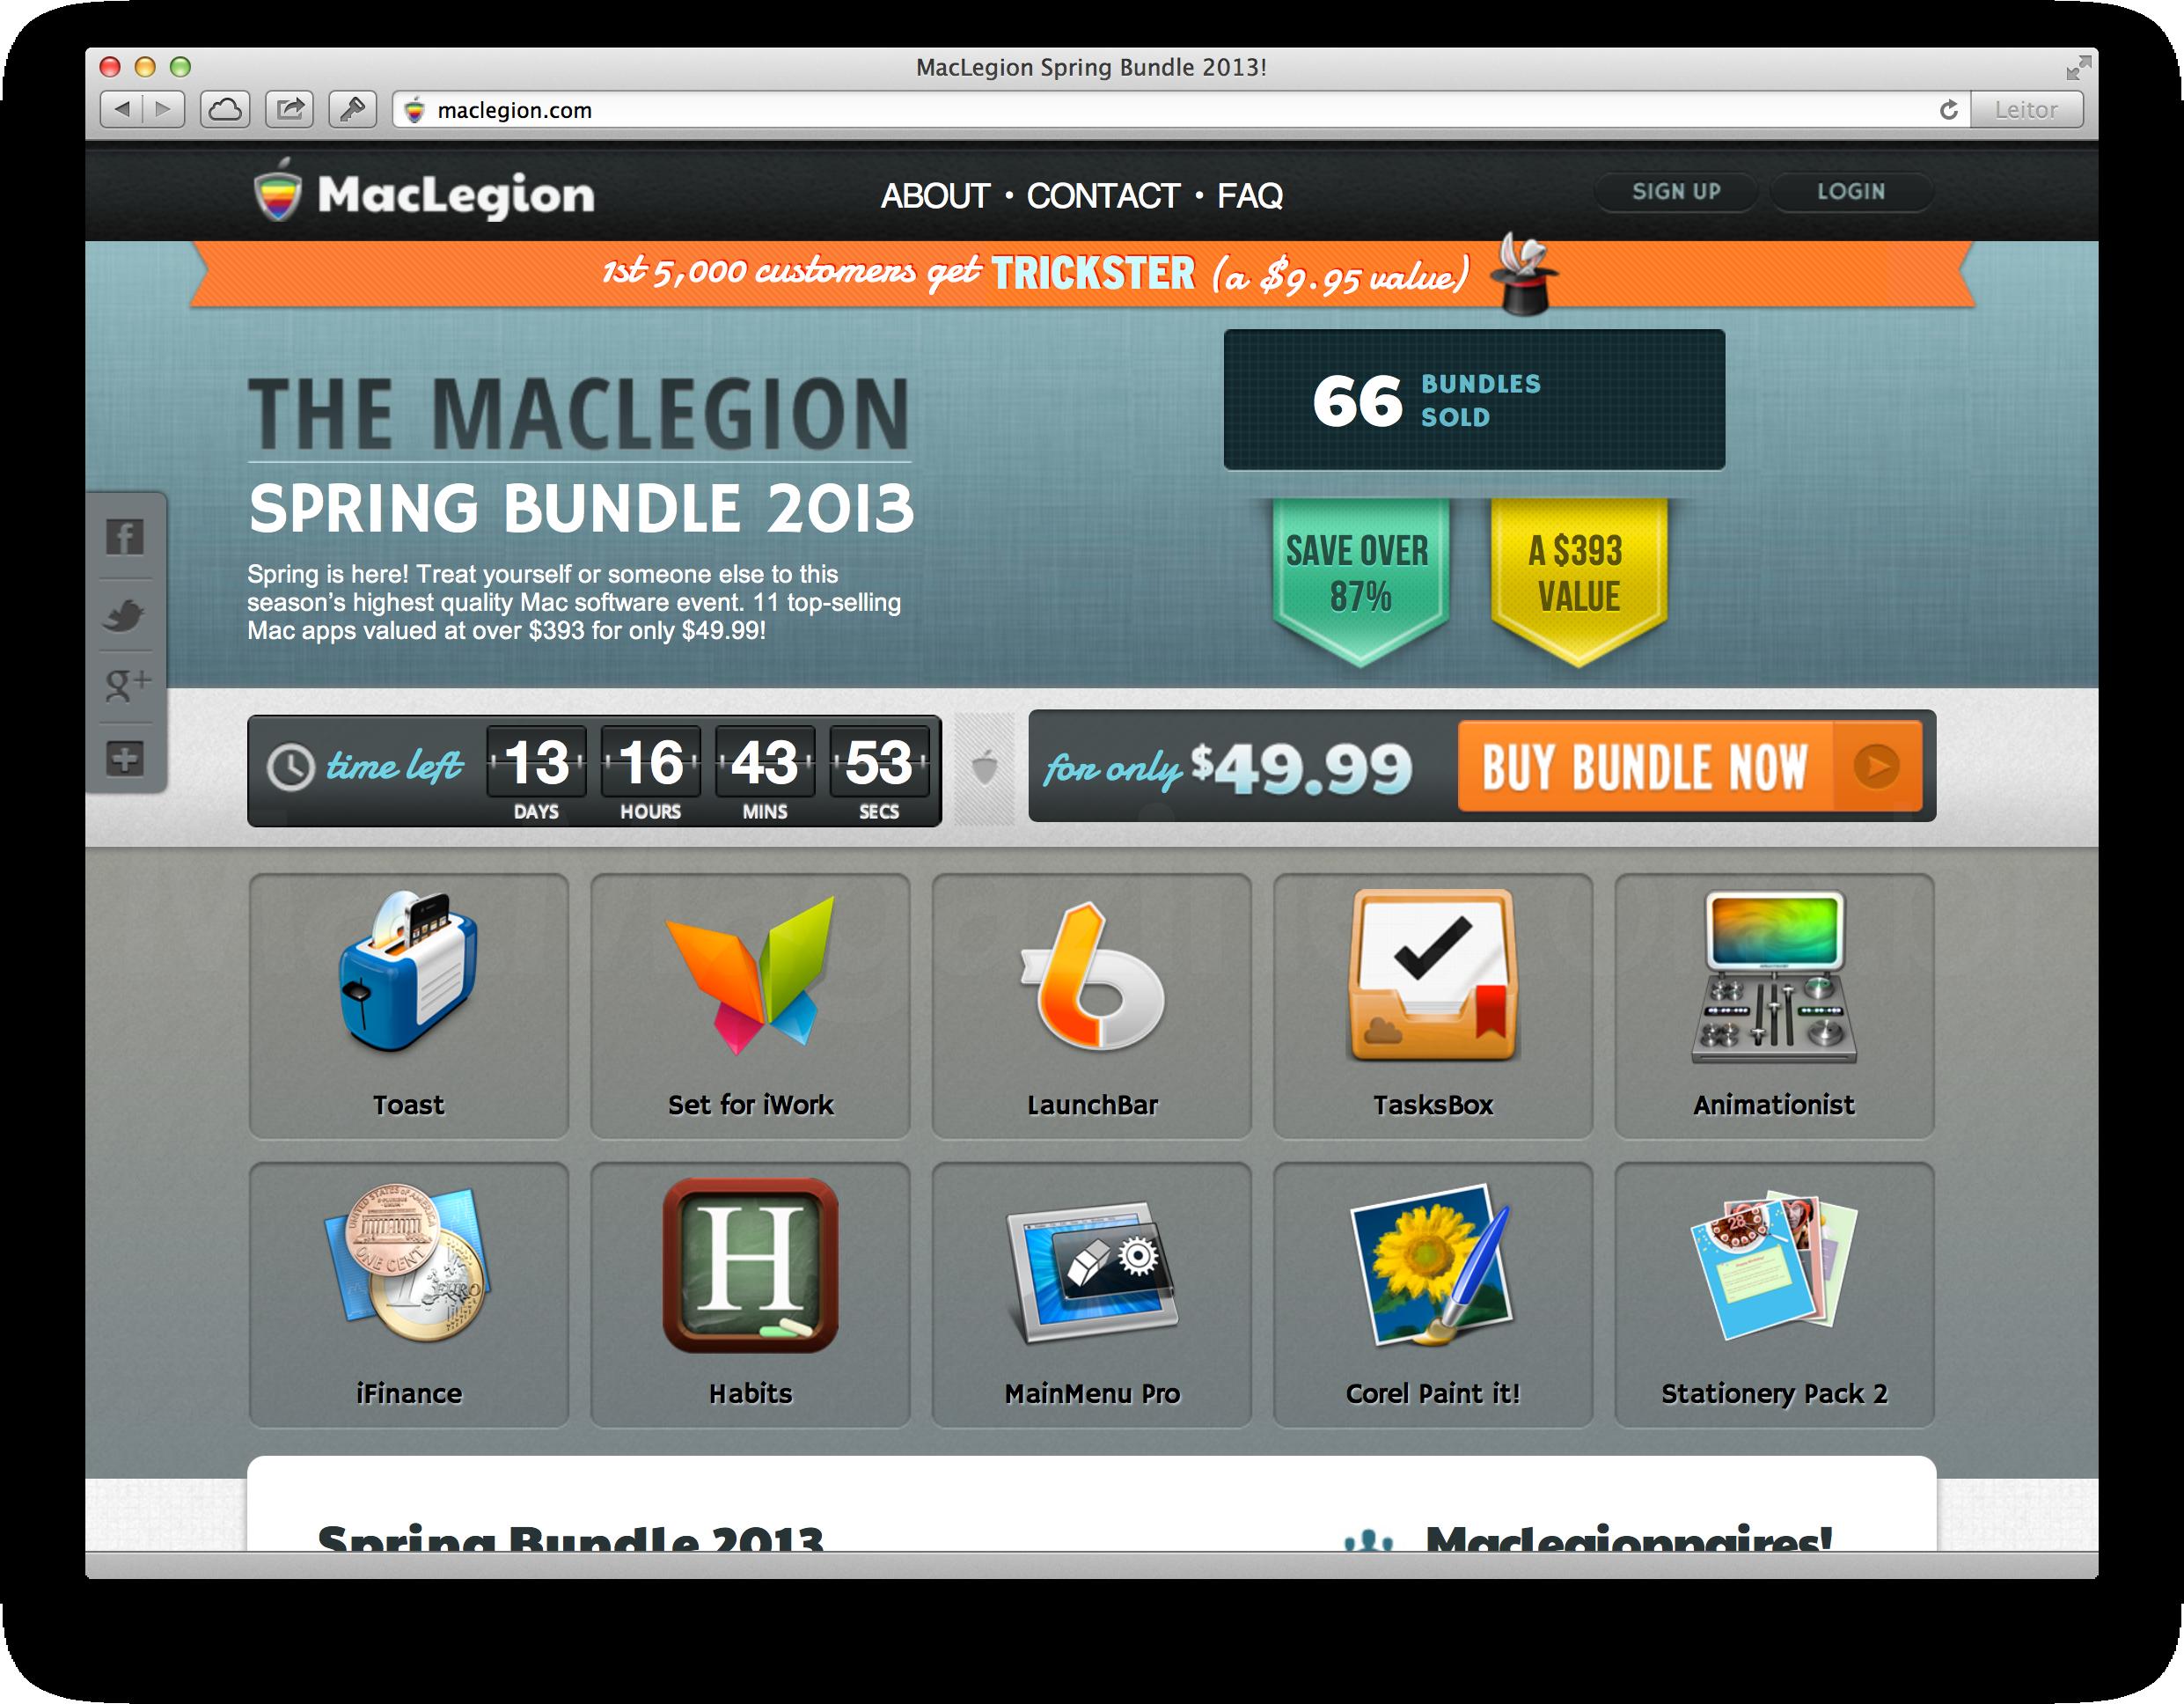 MacLegion Spring Bundle 2013